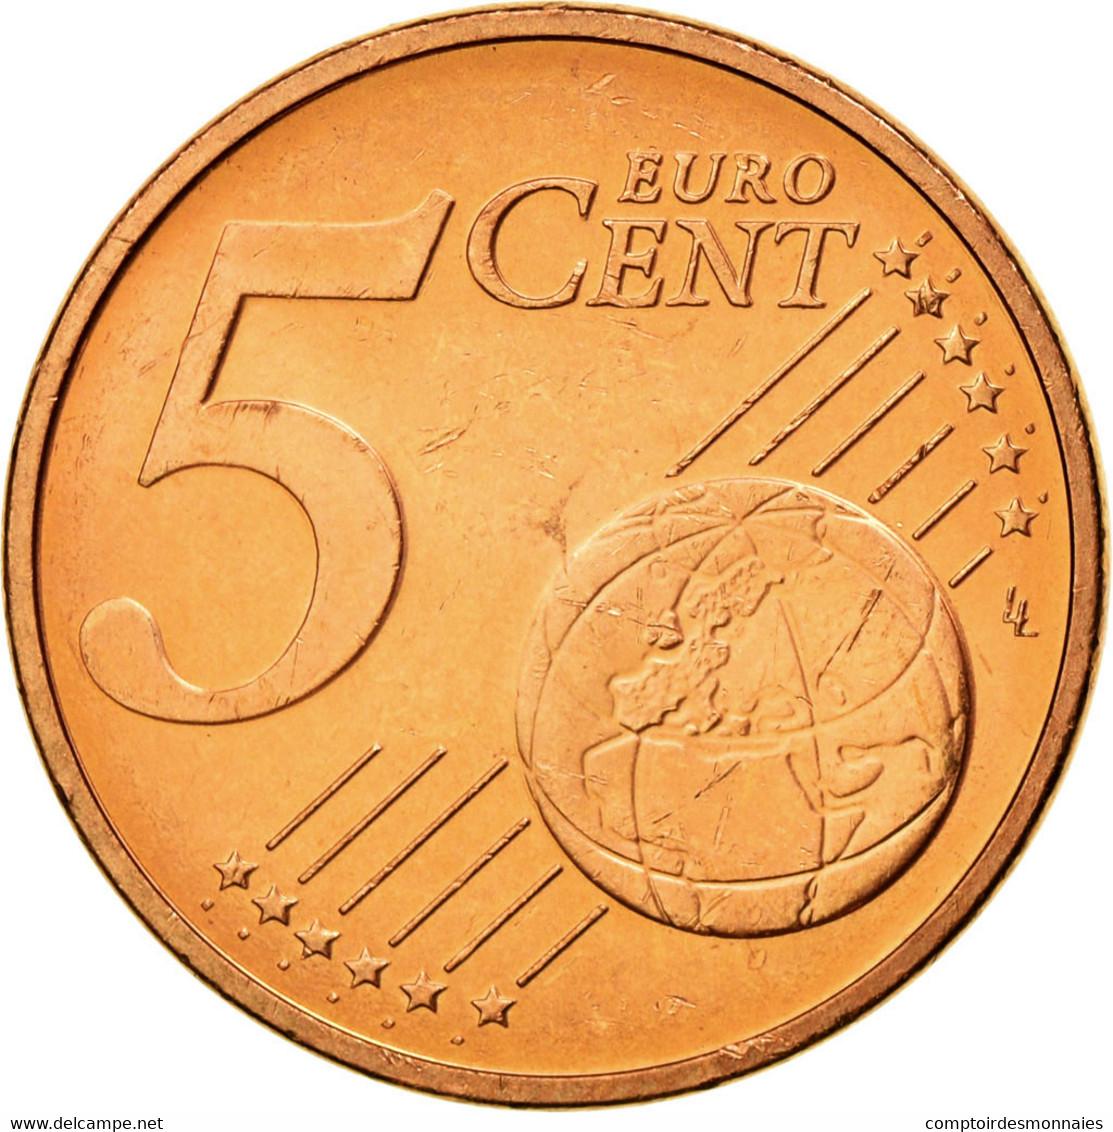 Autriche, 5 Euro Cent, 2002, SUP, Copper Plated Steel, KM:3084 - Autriche